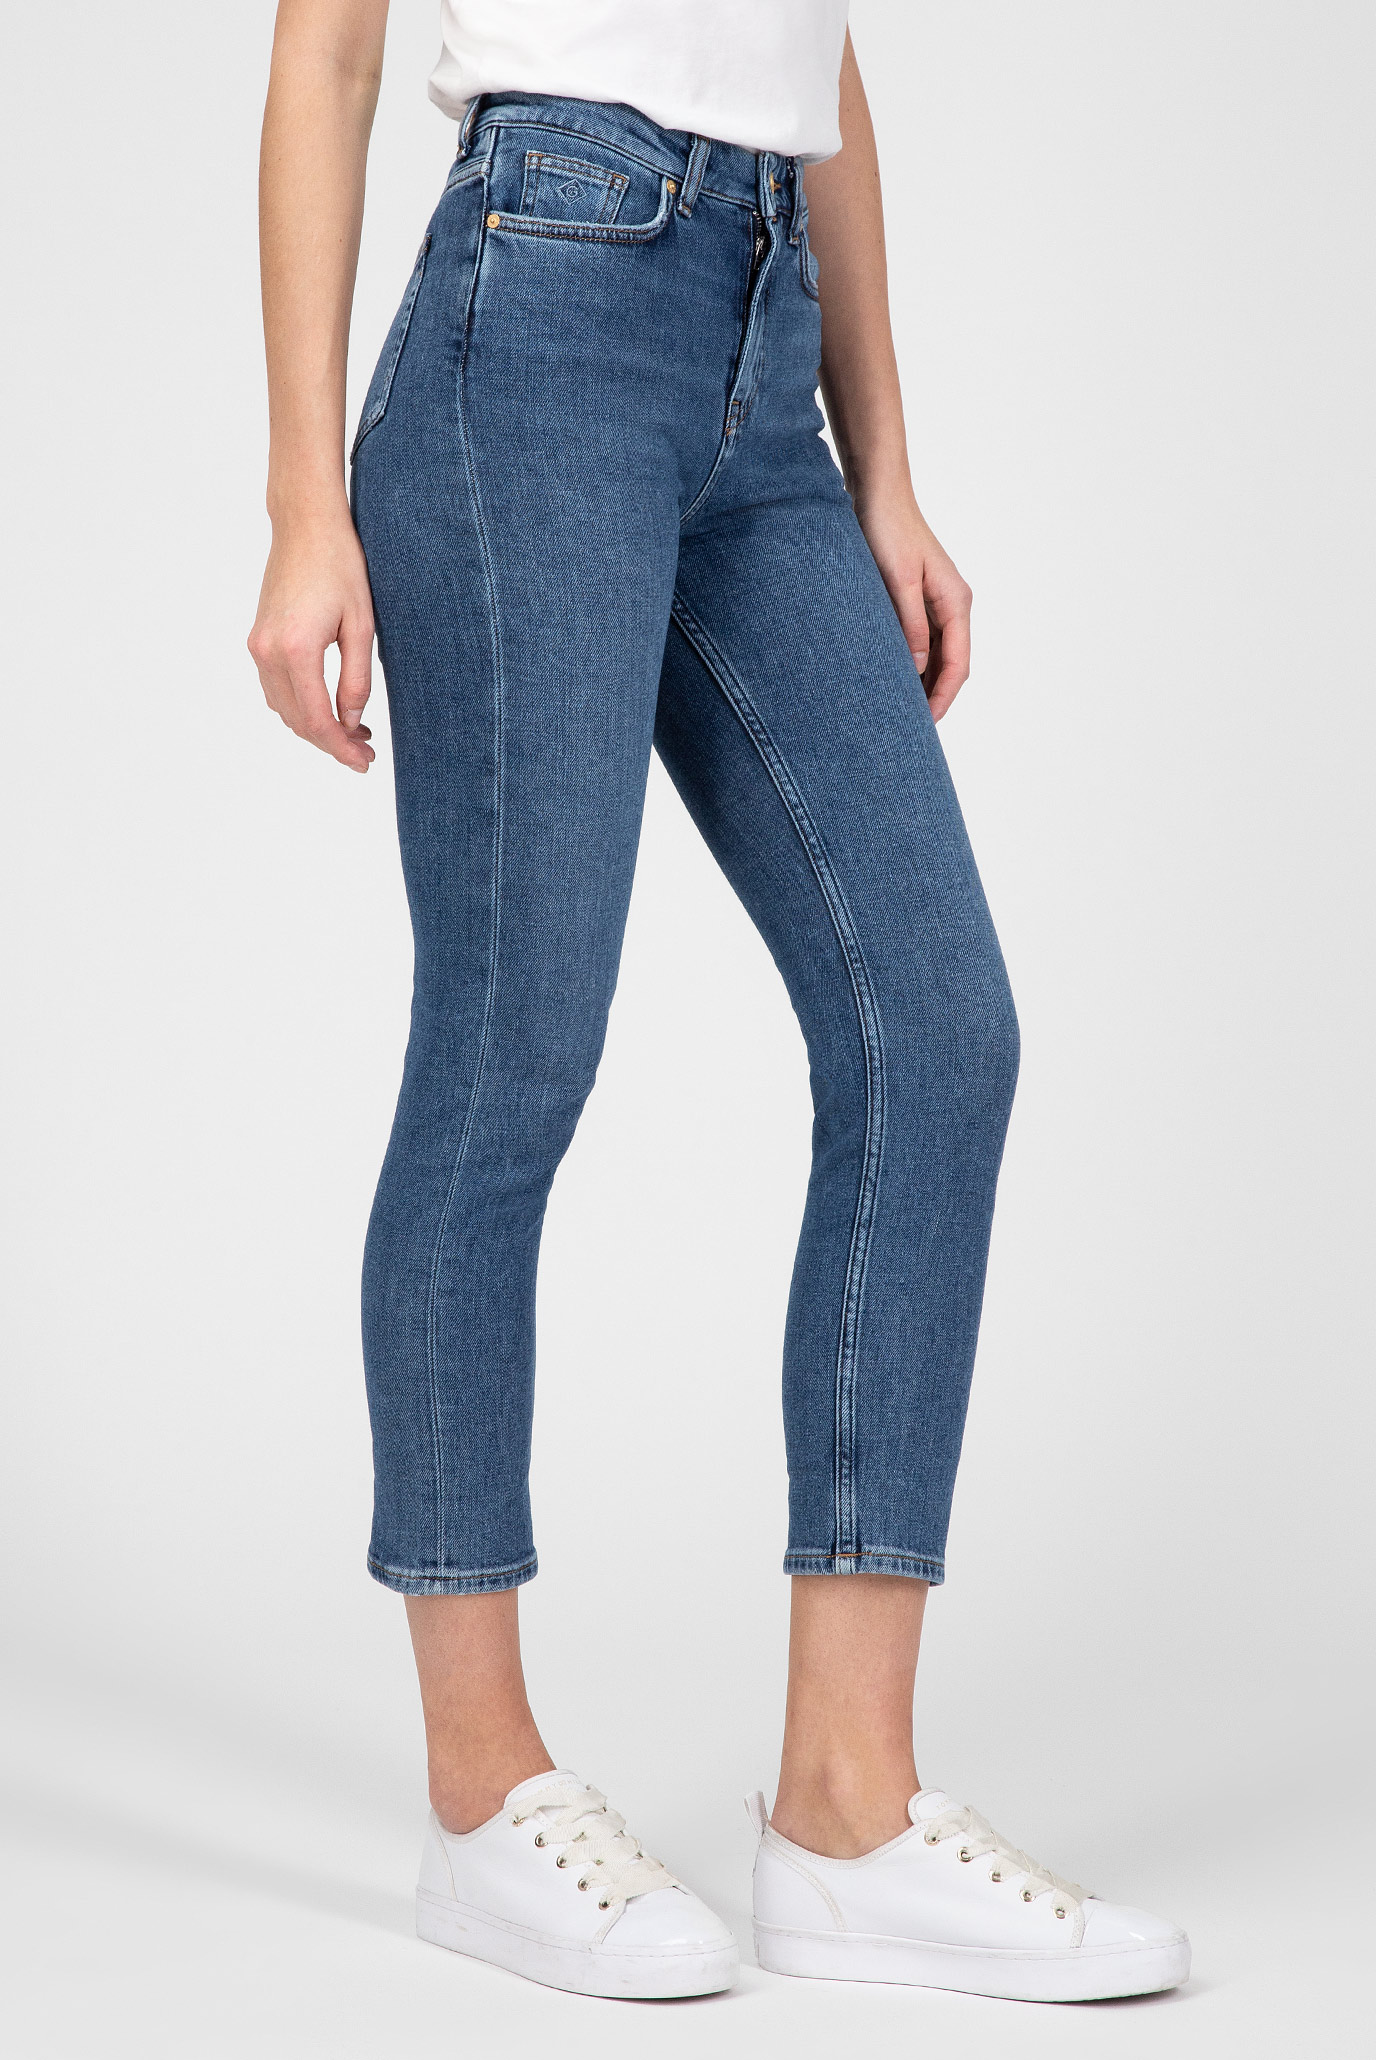 Купить Женские голубые джинсы  Gant Gant 4100061 – Киев, Украина. Цены в интернет магазине MD Fashion